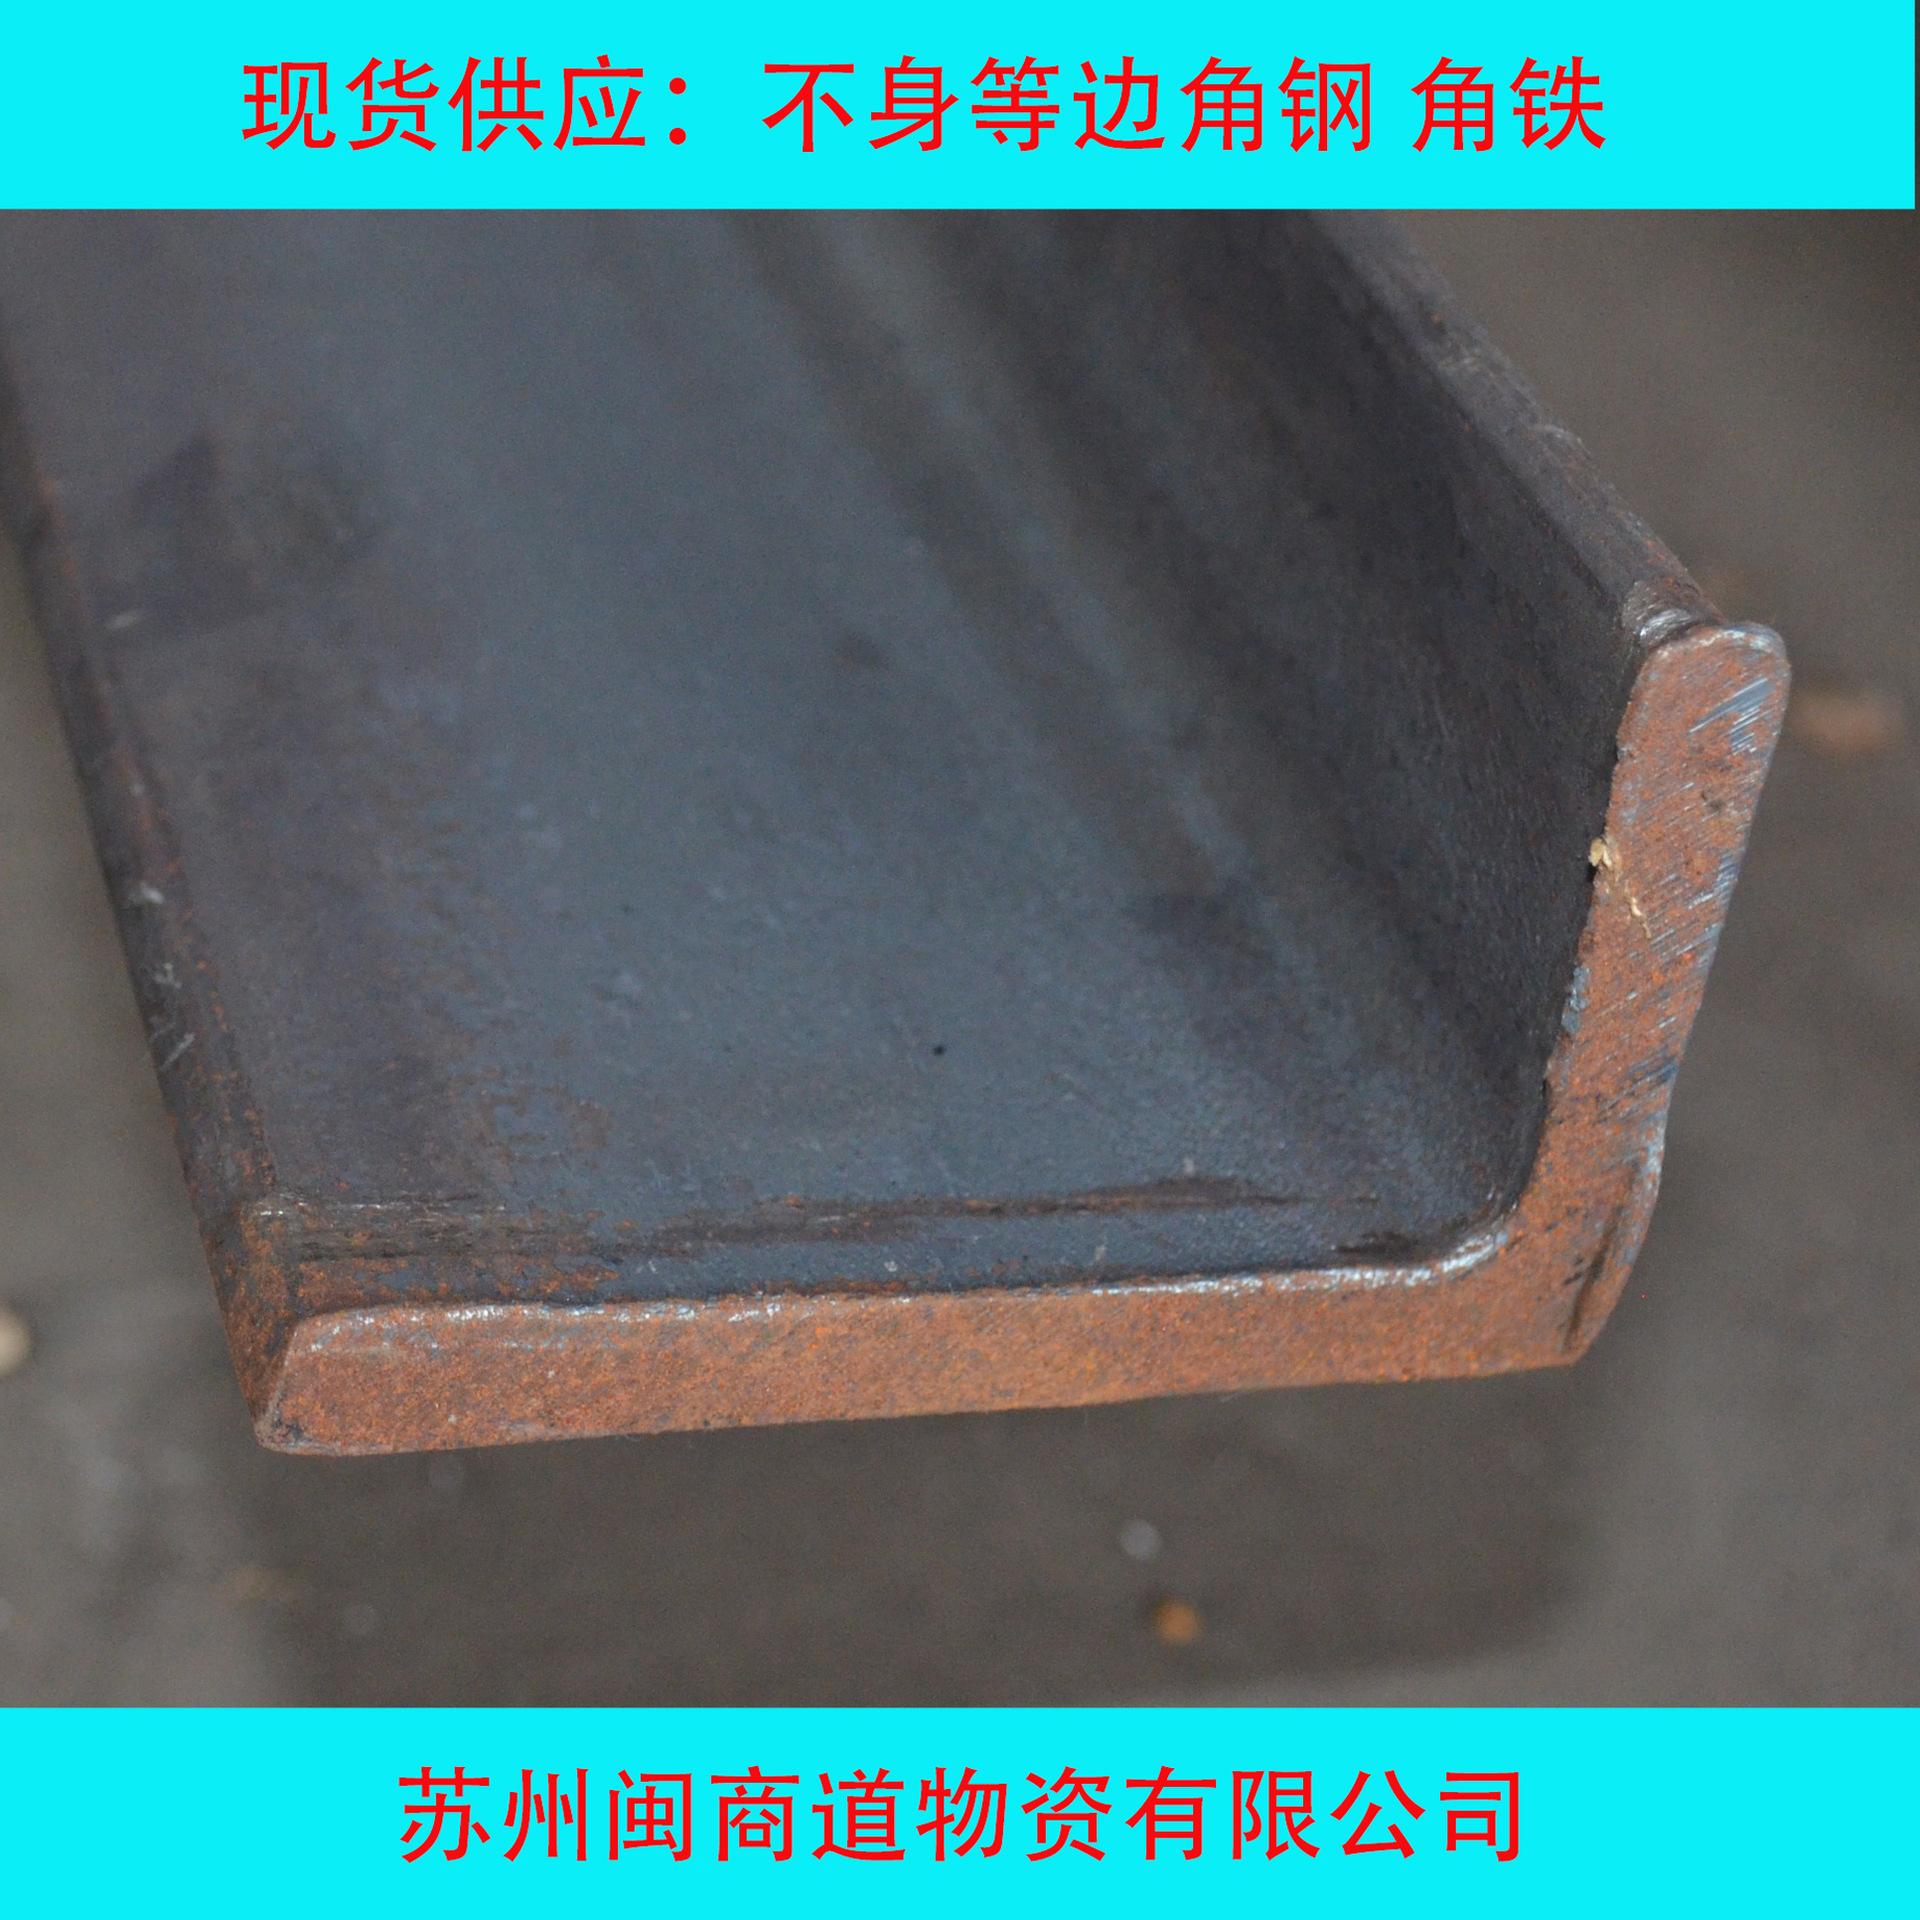 现货供应:等边角钢 热轧冷折弯角铁 不等边角钢 不等边马钢